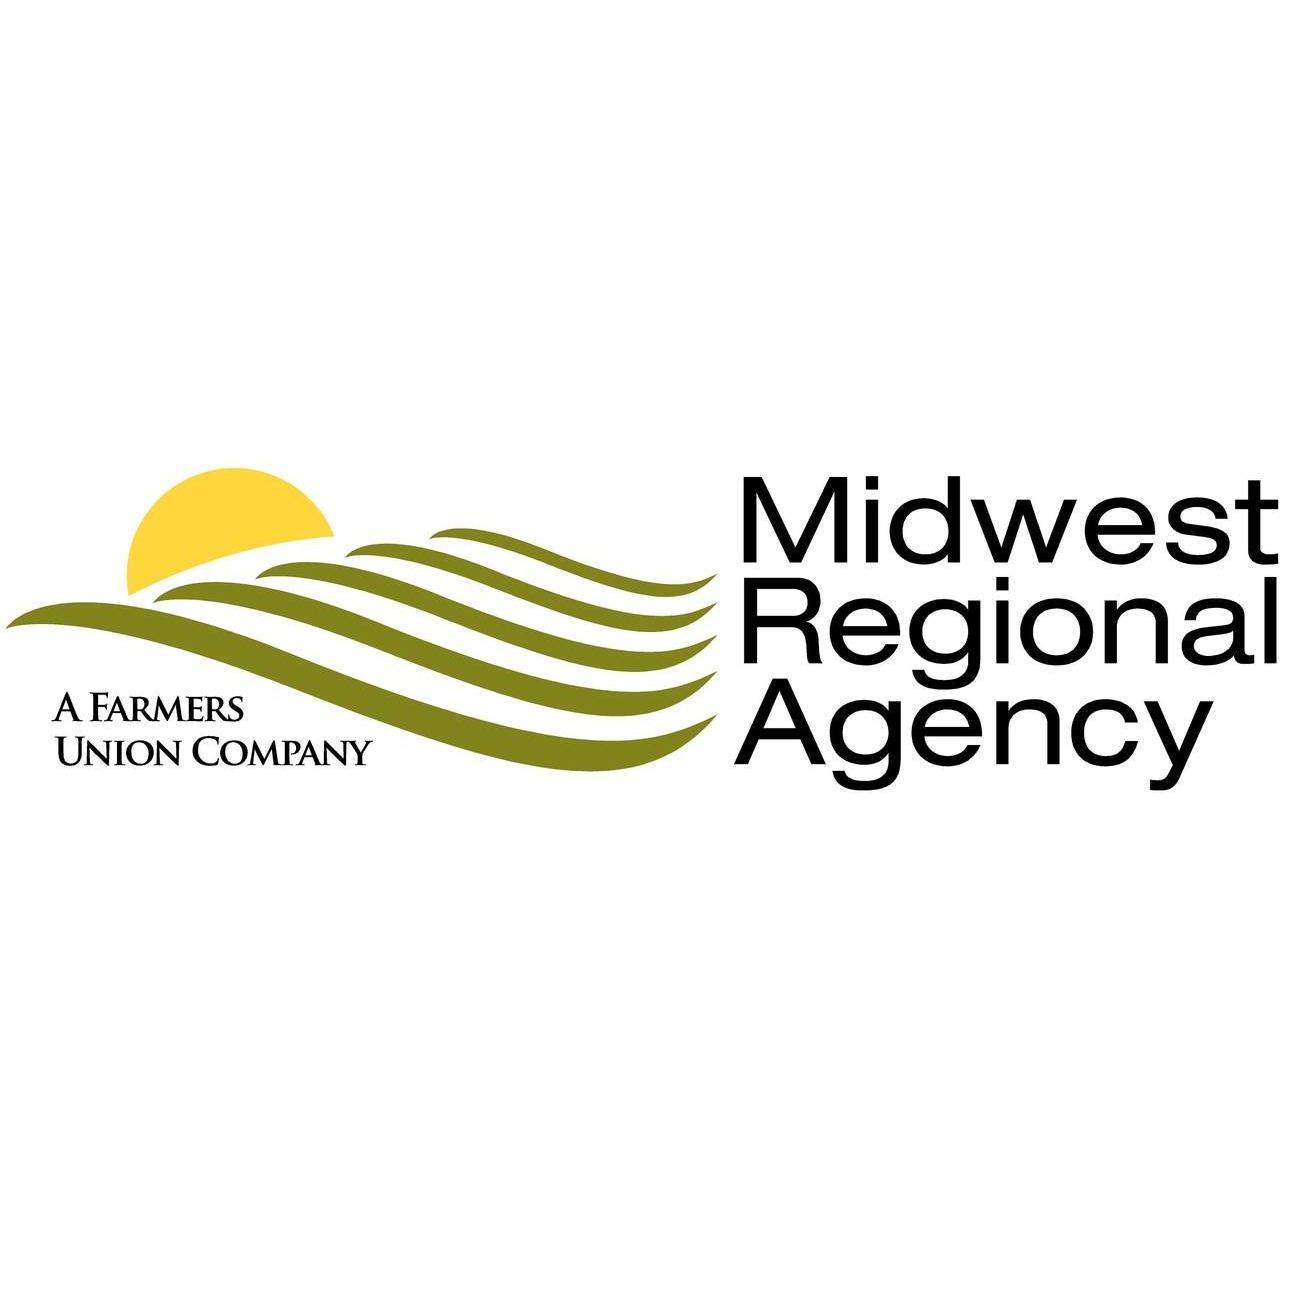 Midwest Regional Agency | Renee Bartlett Insurance